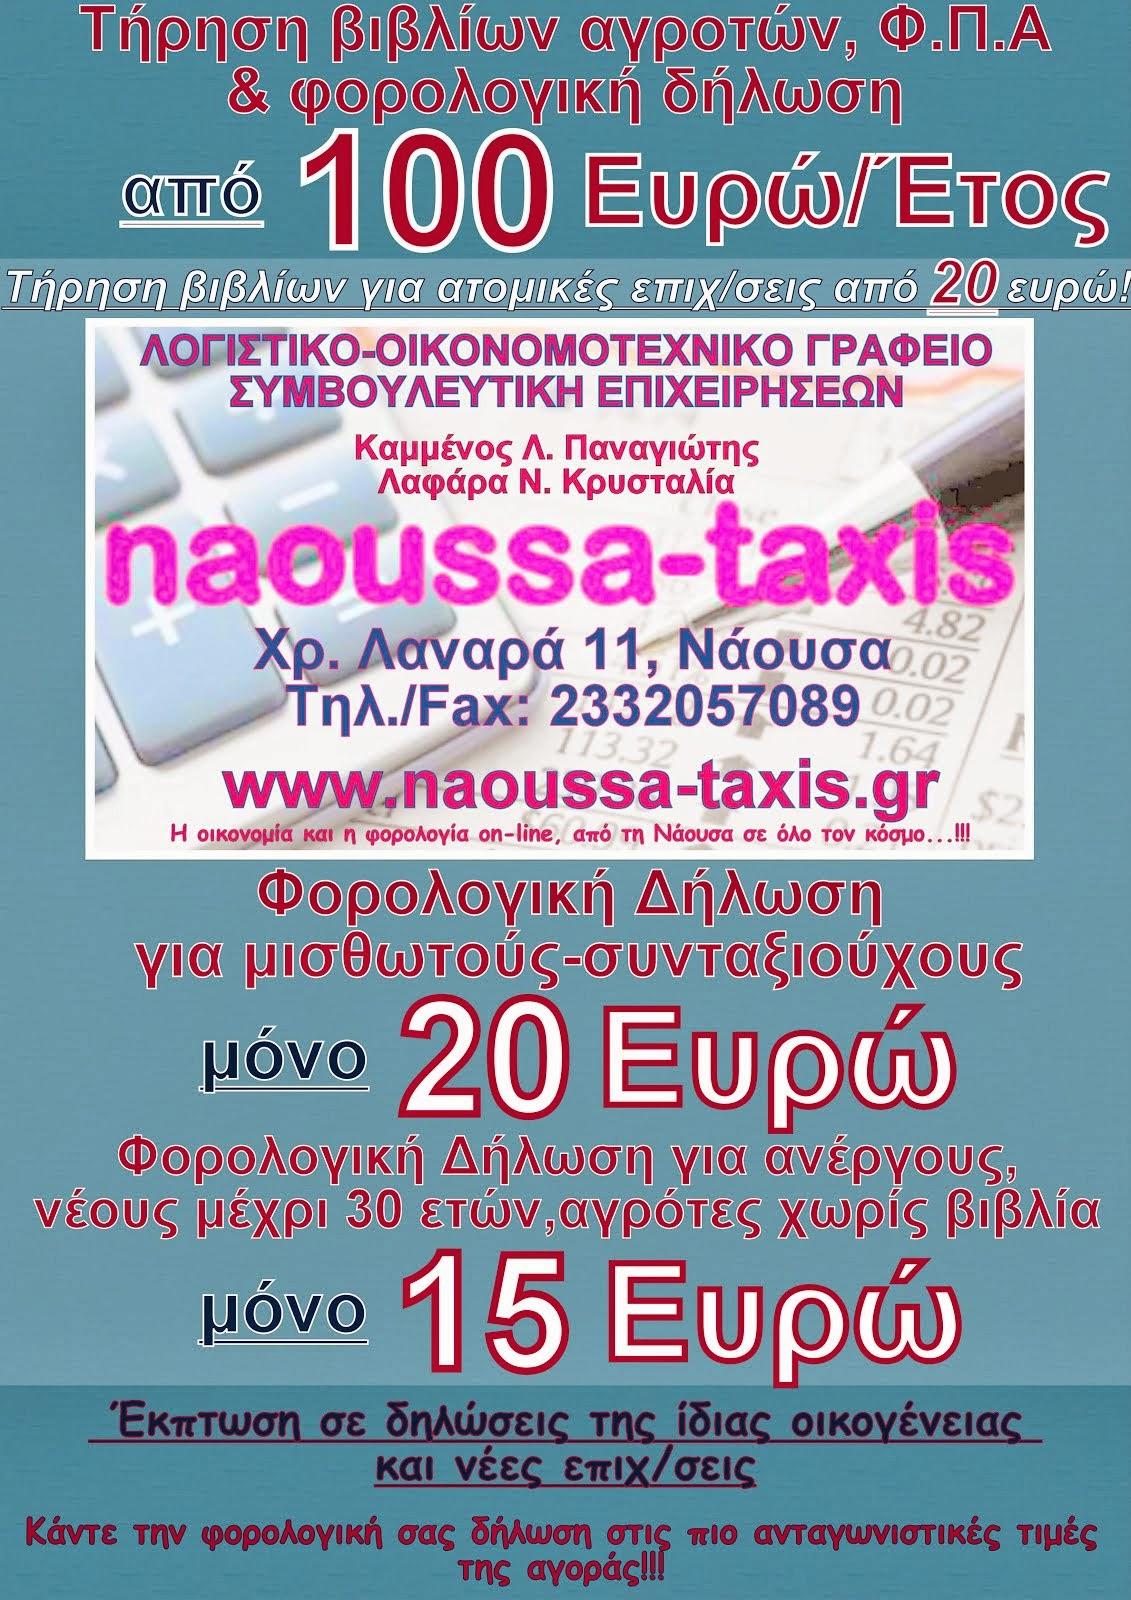 """""""ΝΑOUSSA-TAXIS"""""""